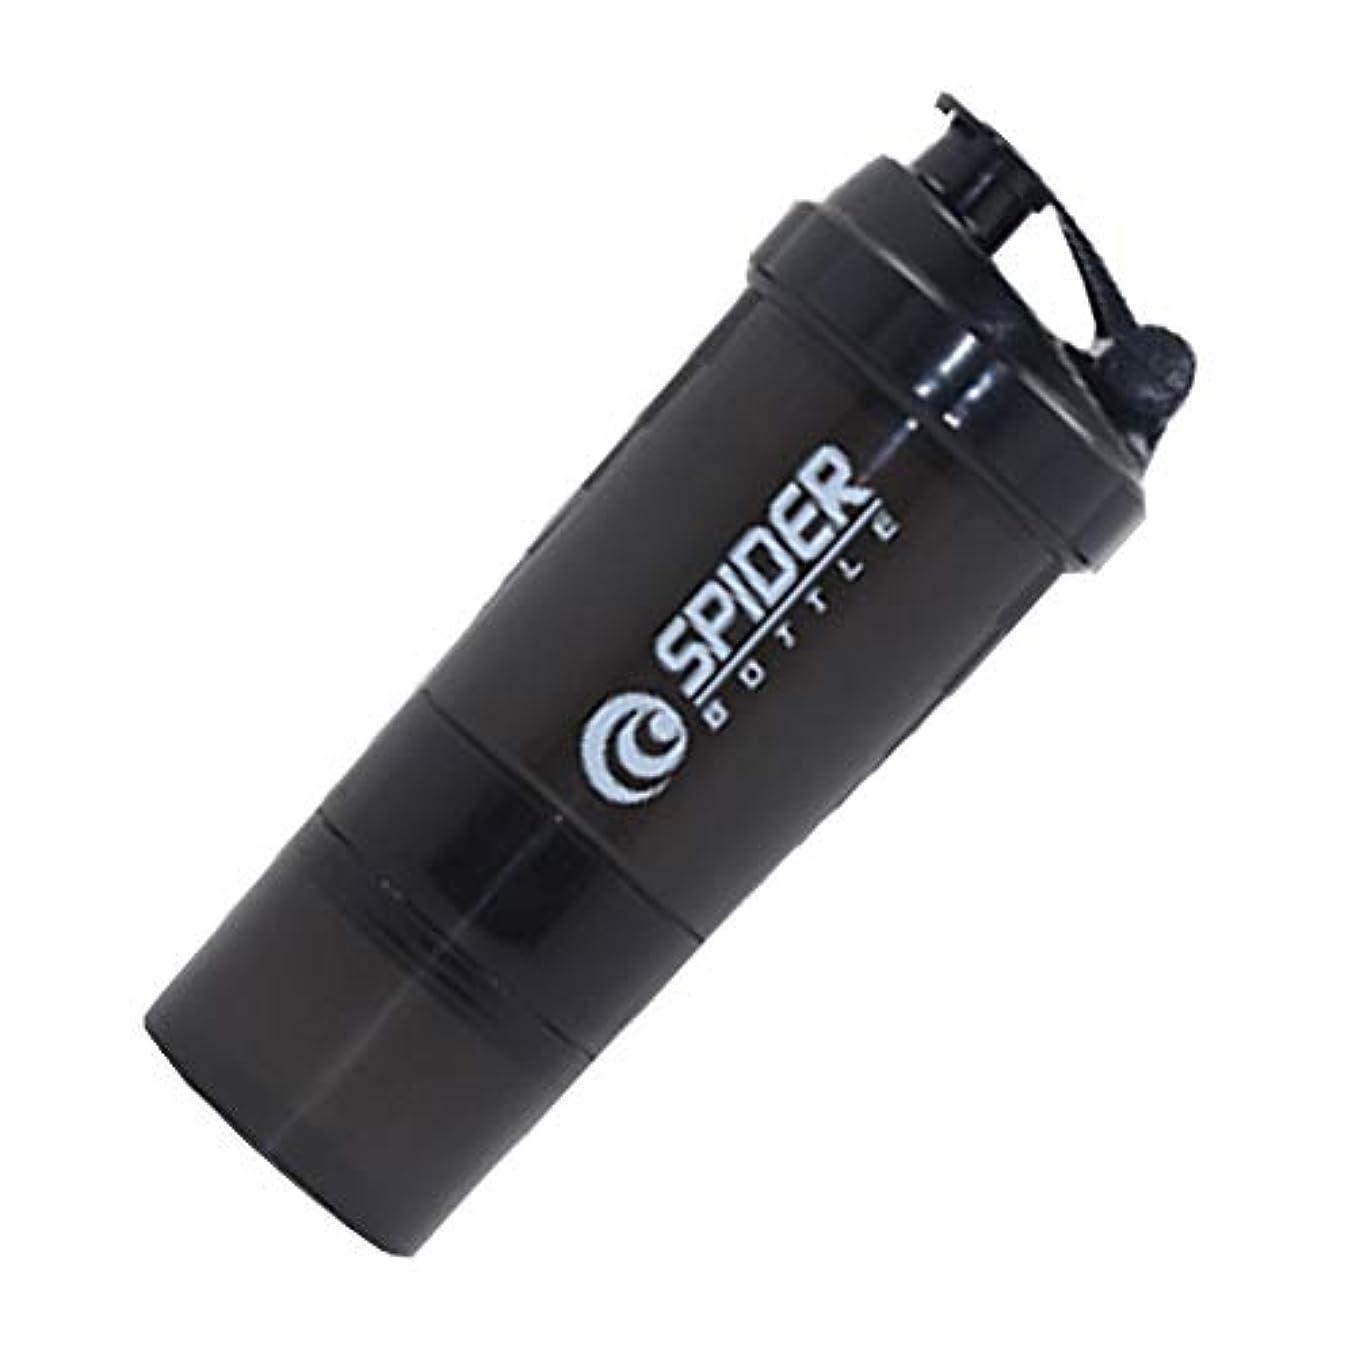 区別物理的な田舎Cangad プロテインシェーカー ブレンダーボトル 3層ハンディー式 タンパク質パウダーミキサーボルト 500-600ML 栄養錠剤ビタミン入れ ダイエットドリンク用 (ブラック)